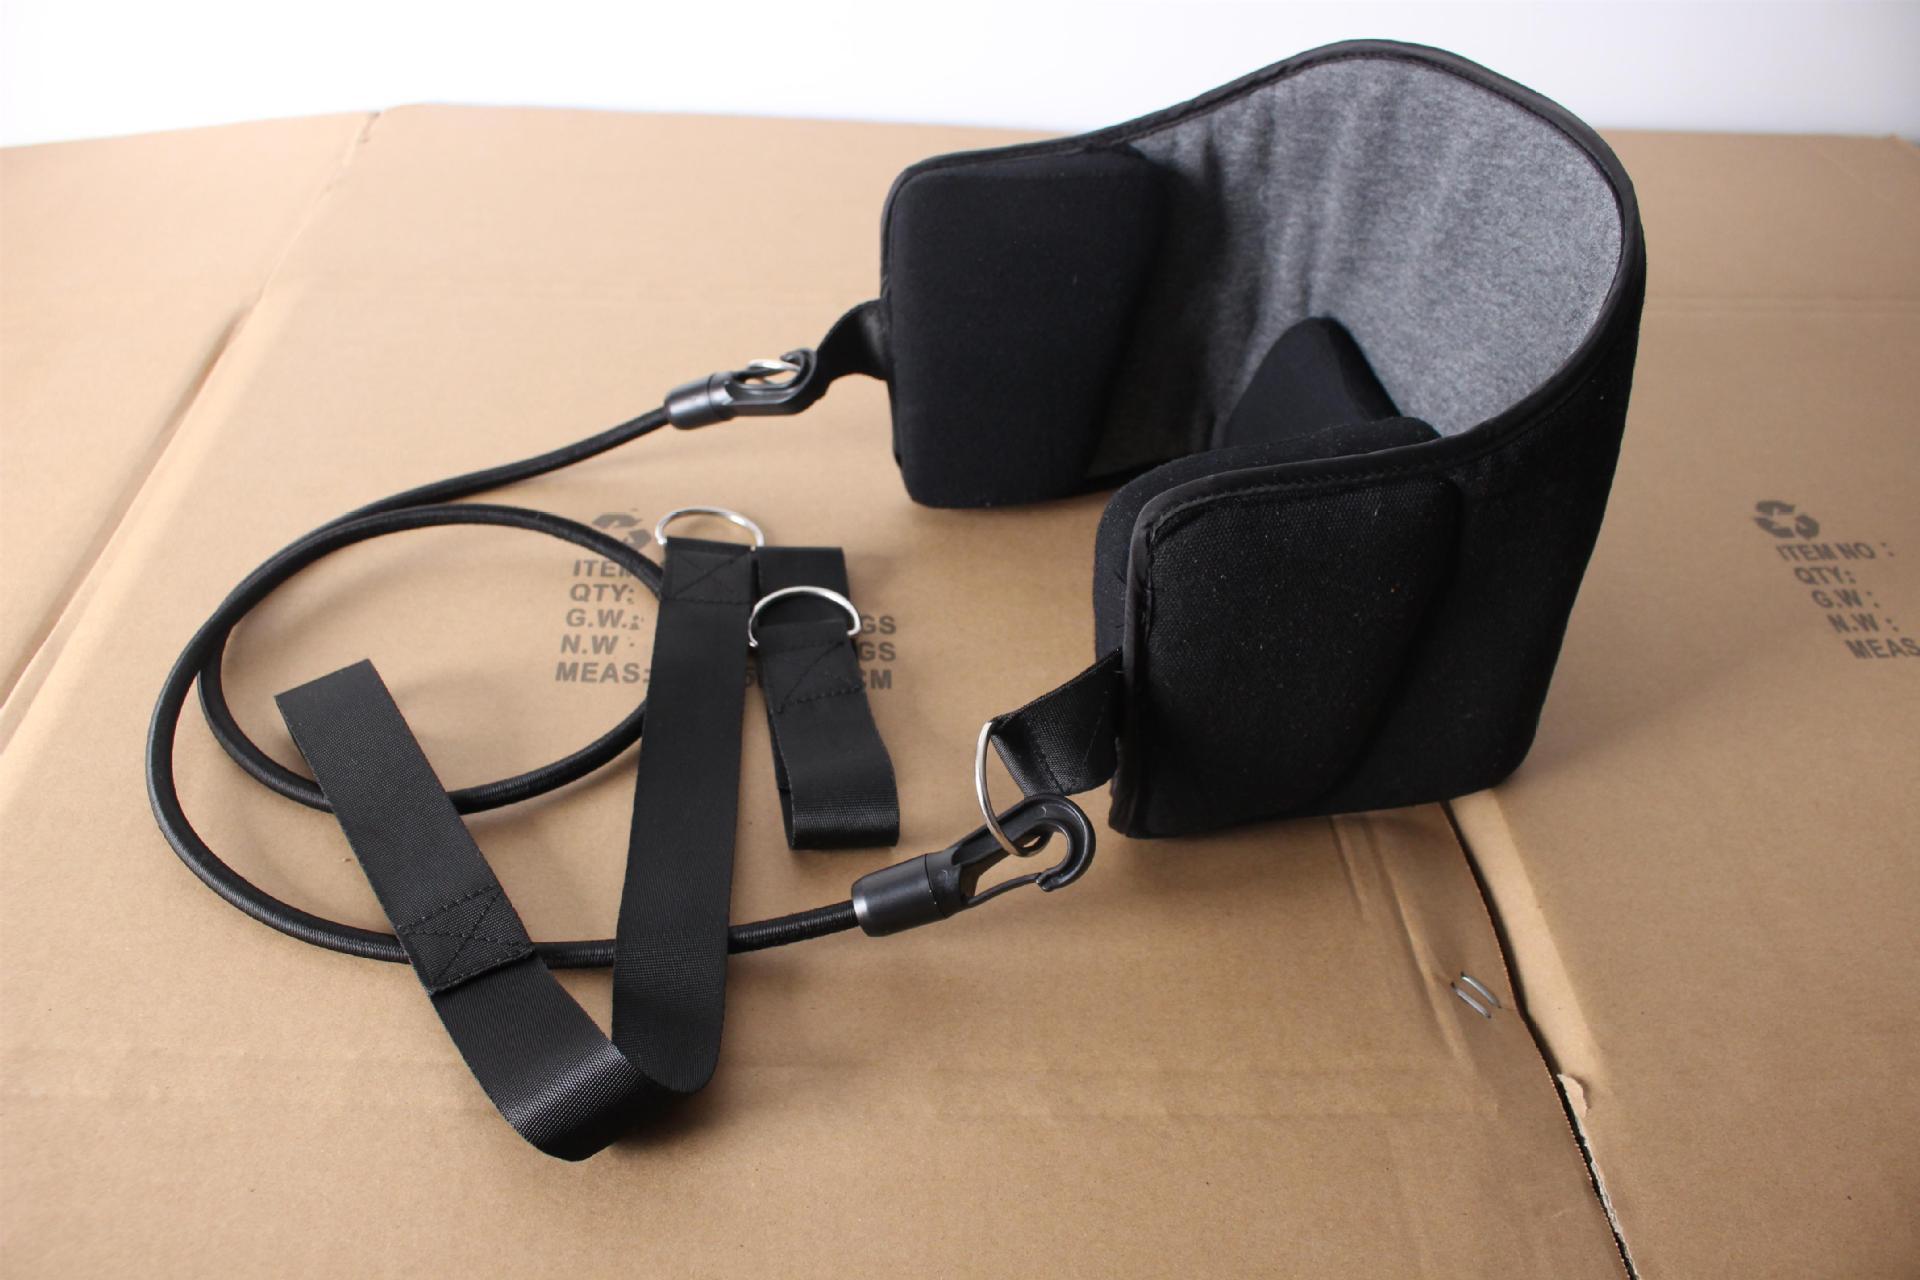 Collo NERVI PRESSIONE TENSIONE Mal Di Testa Dolore Sollievo Massaggiatore Testa dispositivo di trazione